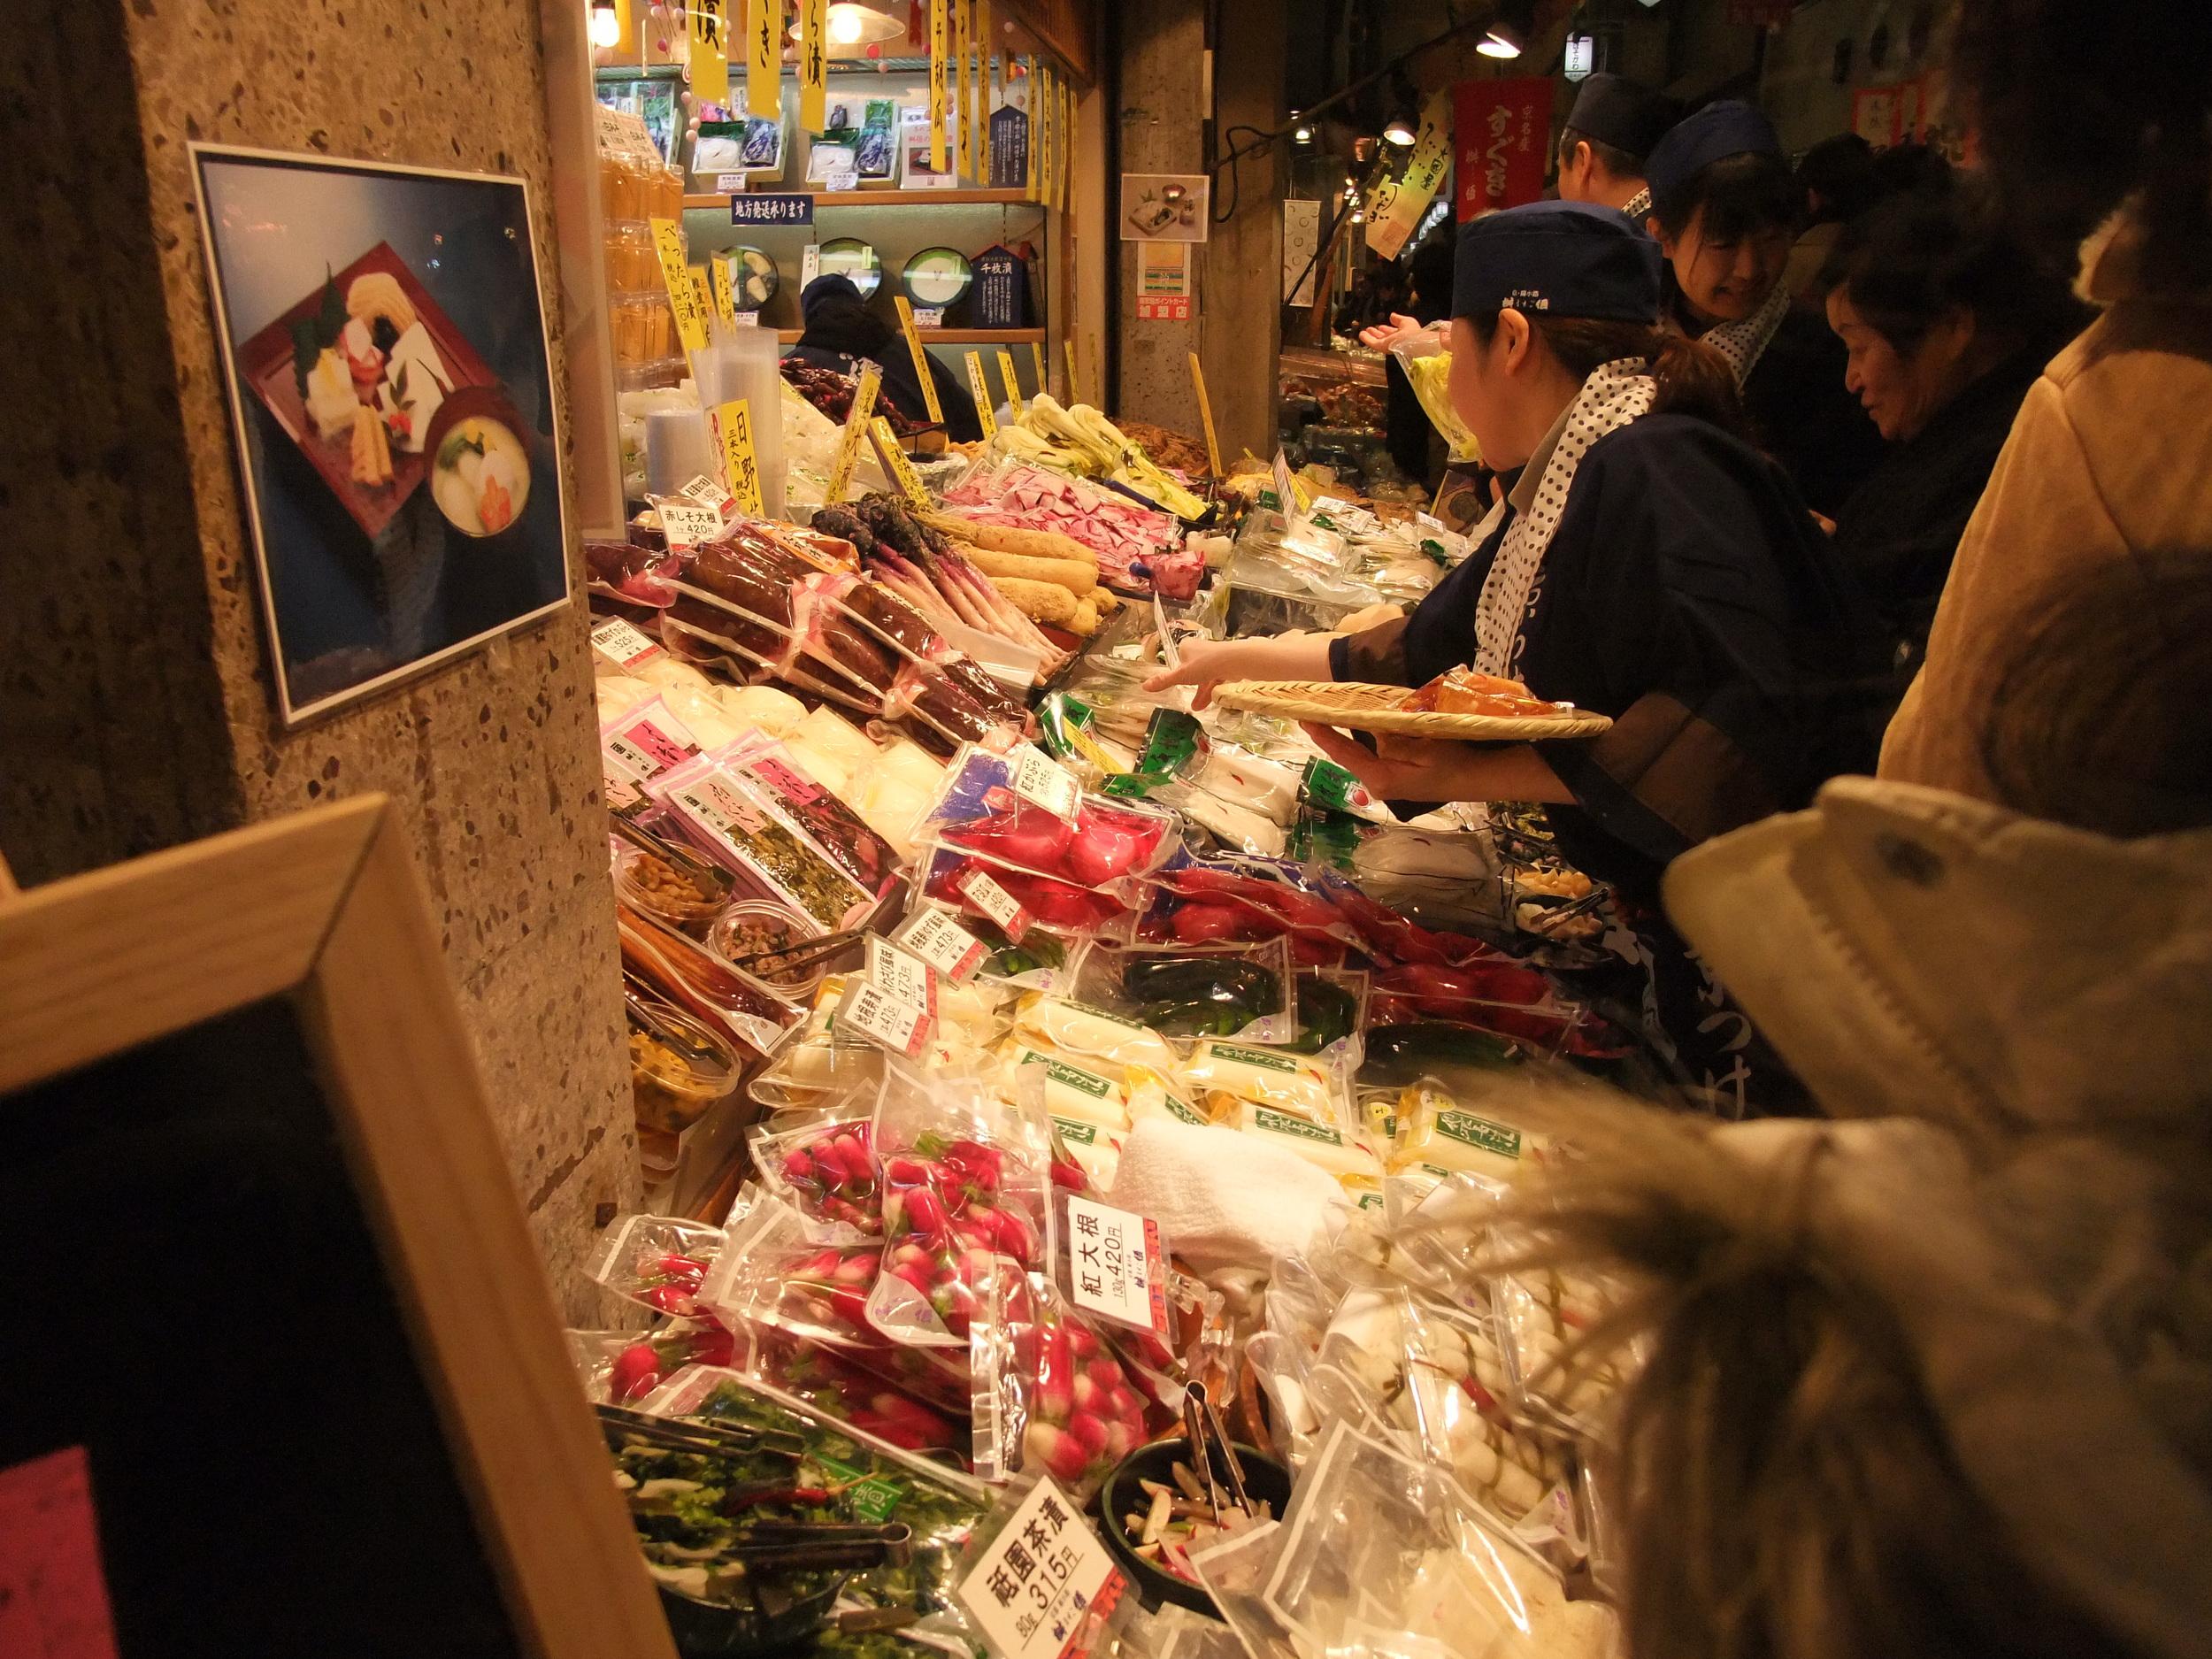 Vegetables for sale at the Nishiki Food Market